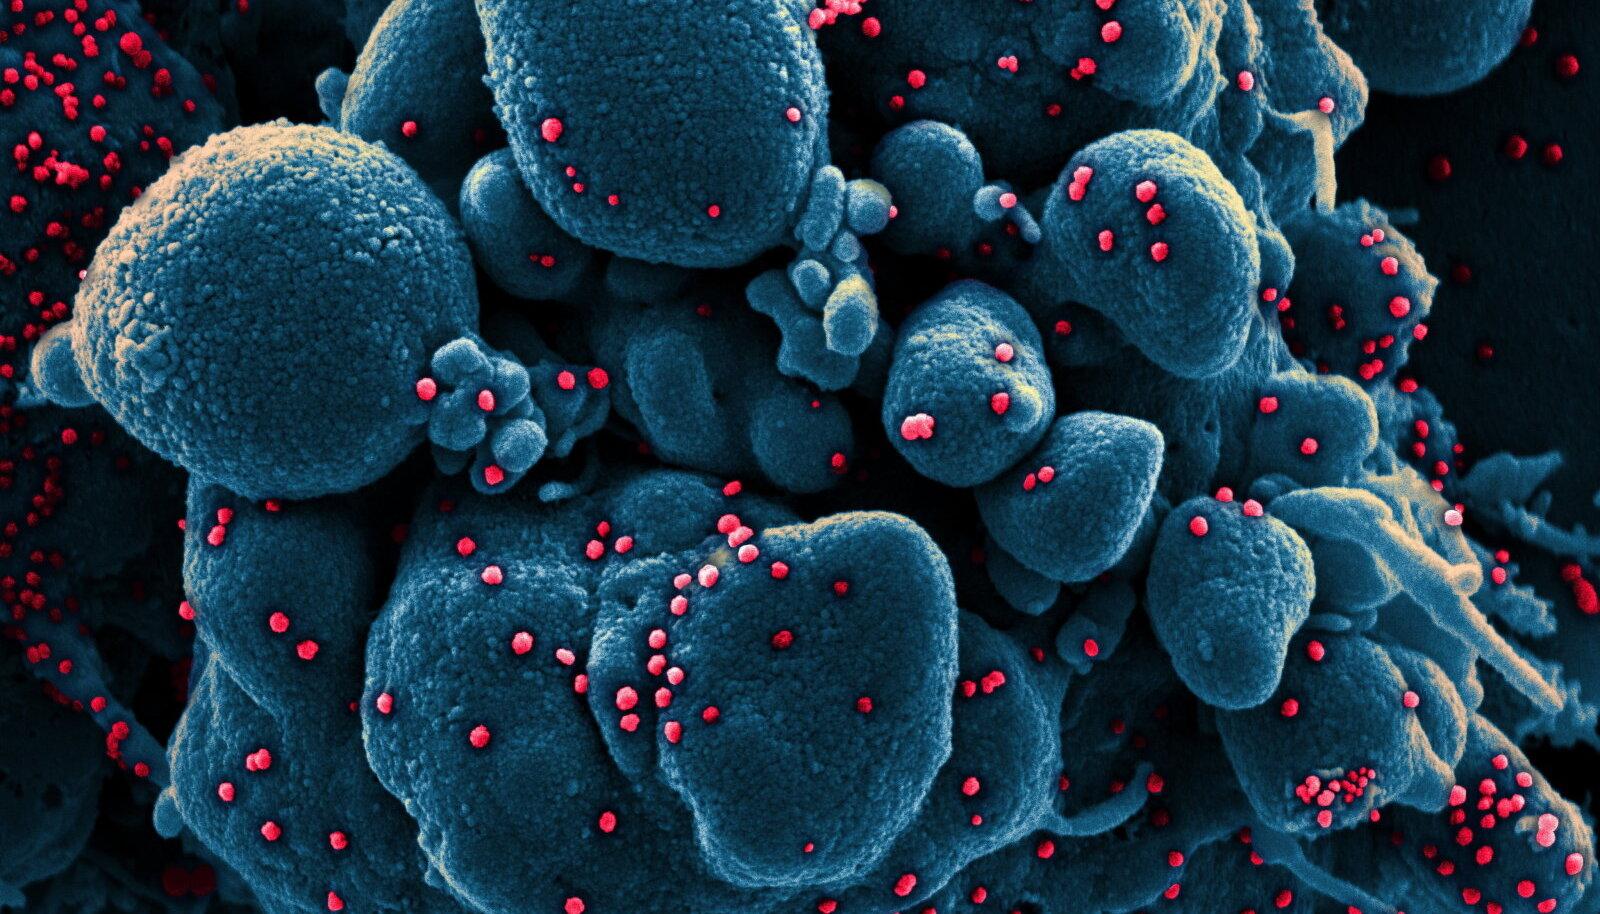 Koroonaviirusega nakatunud ja seetõttu surev inimrakk